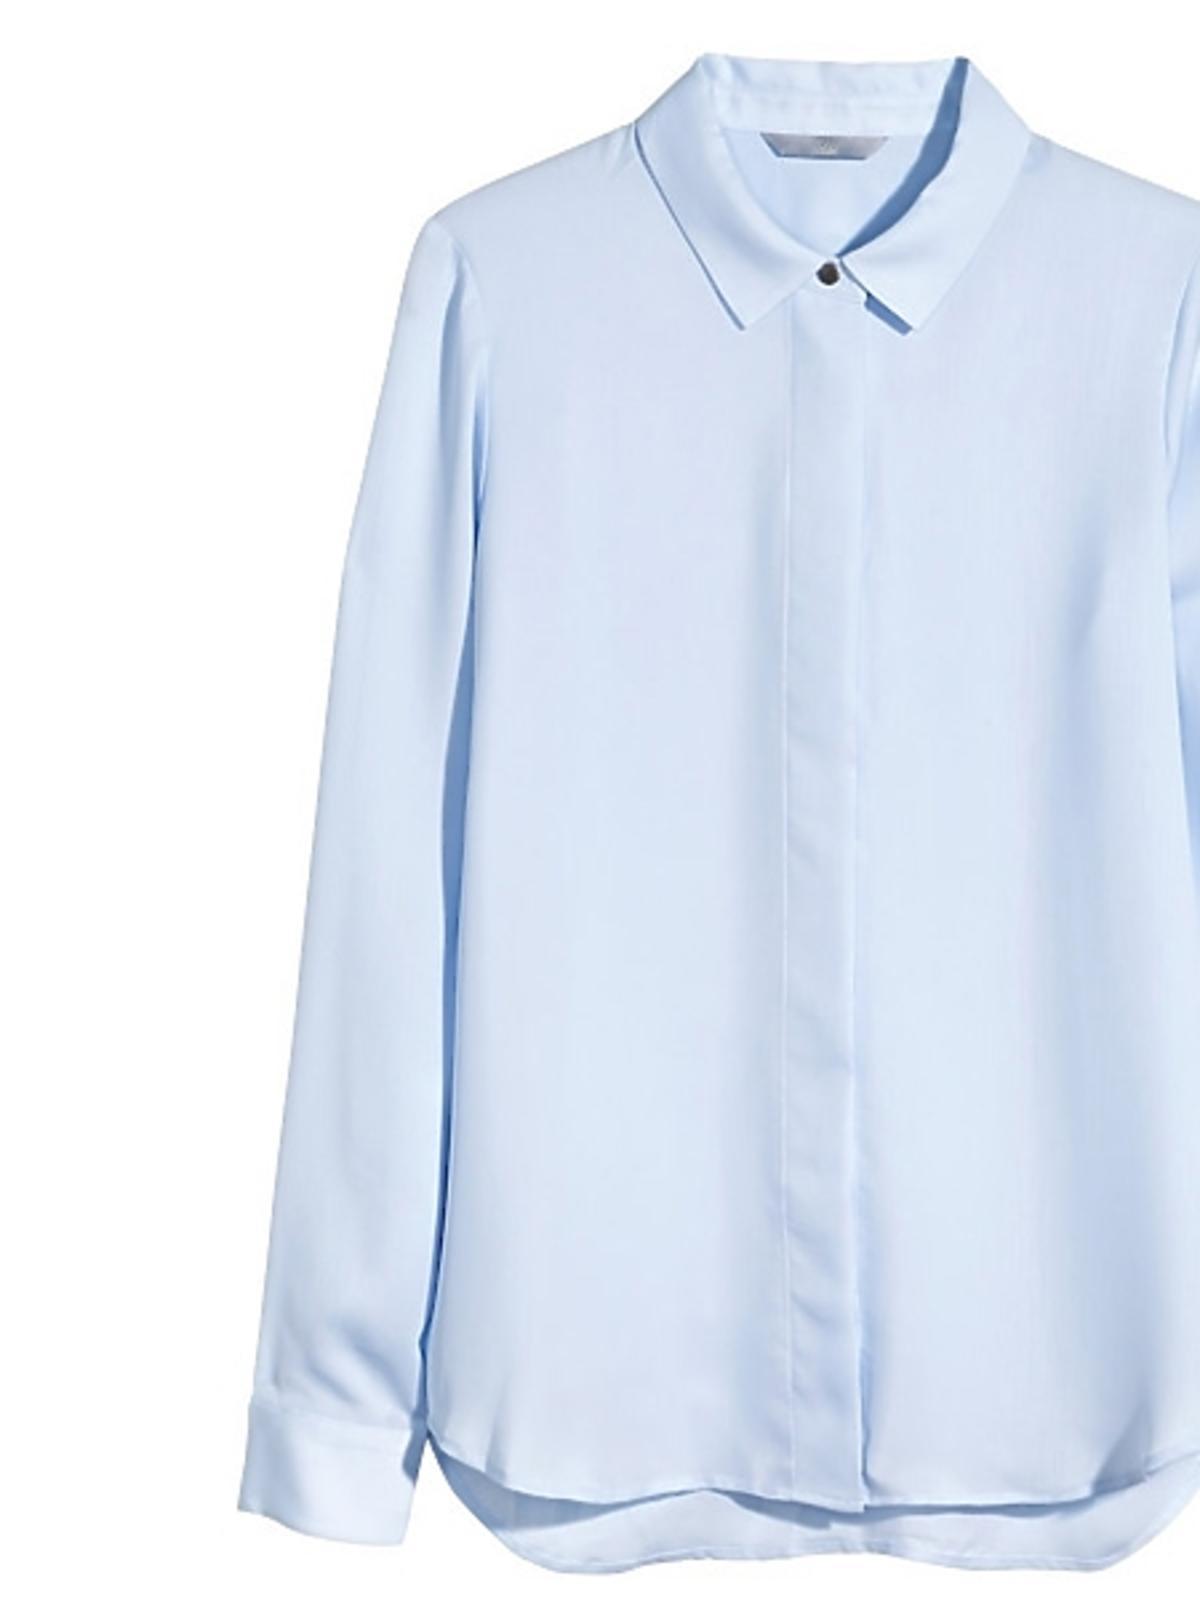 Niebieska koszula H&M, cena